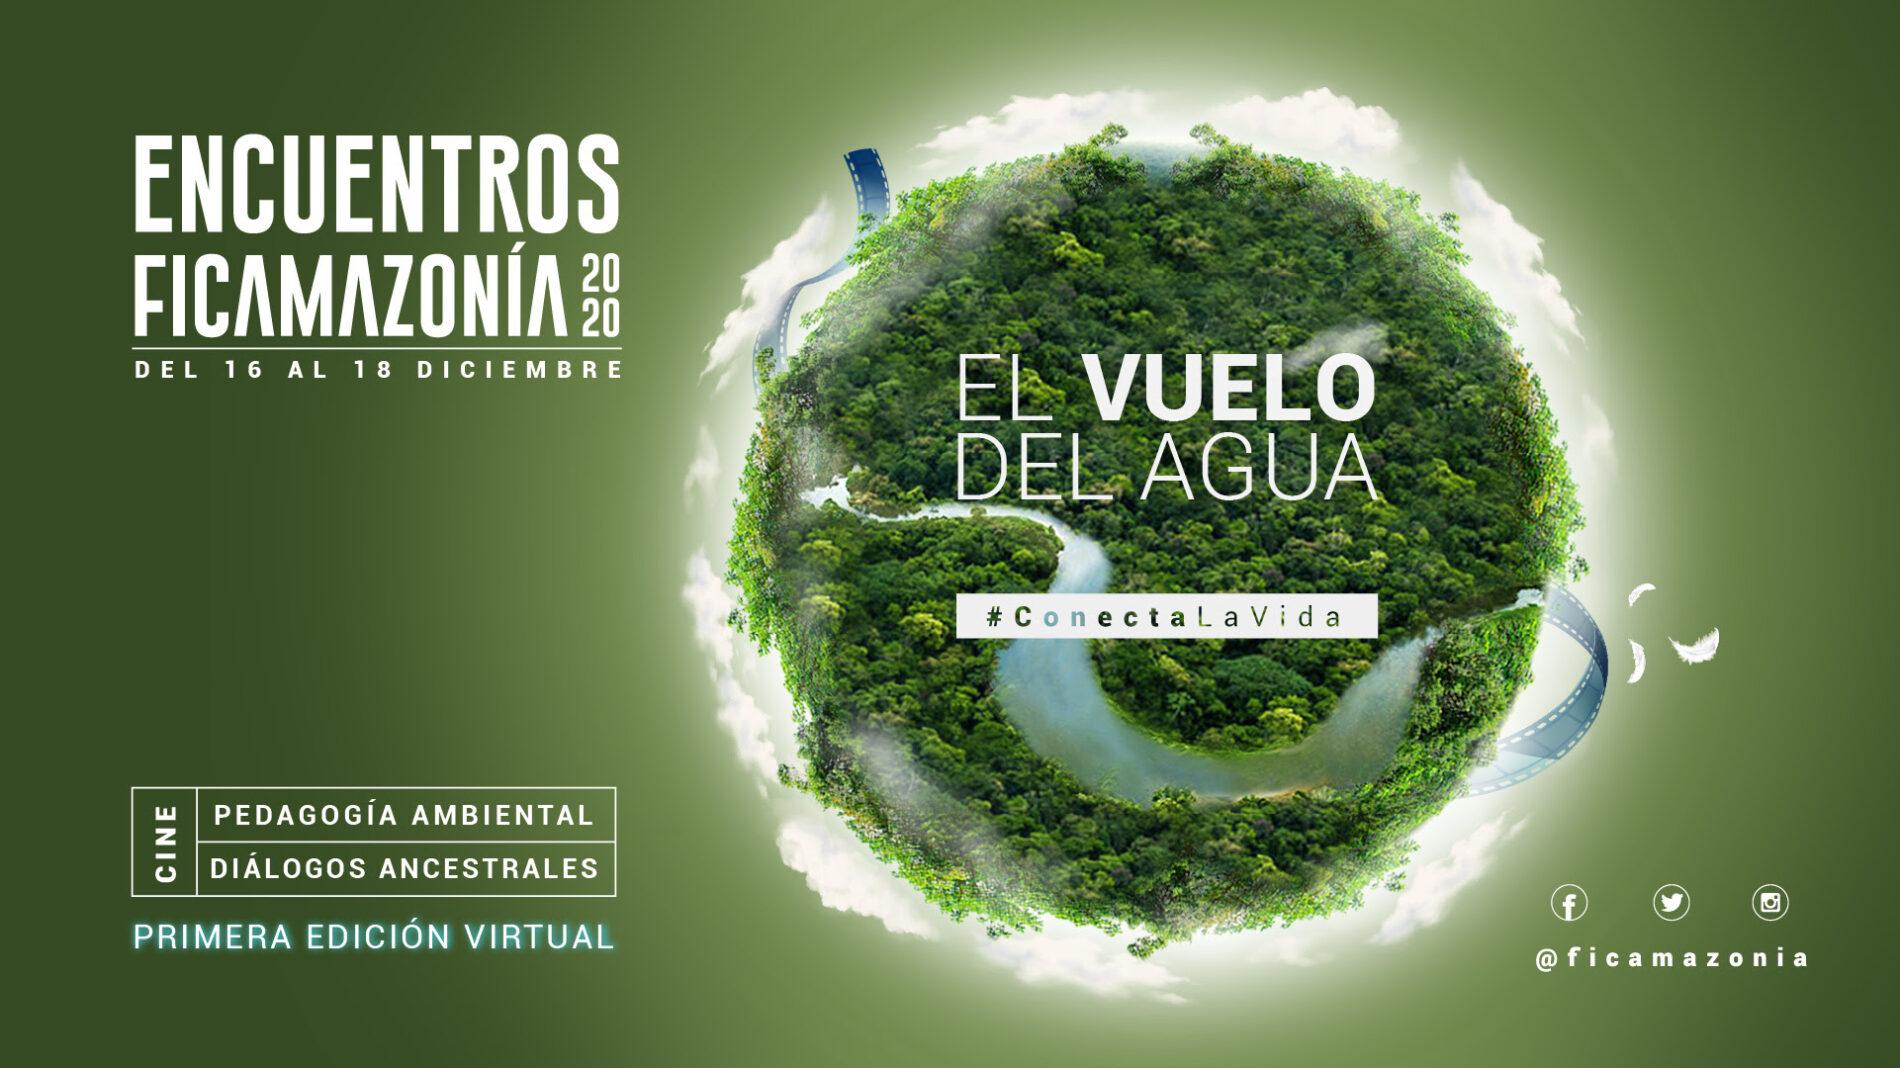 FICAMAZONÍA, un campus virtual gratuito que nos transporta a la selva amazónica